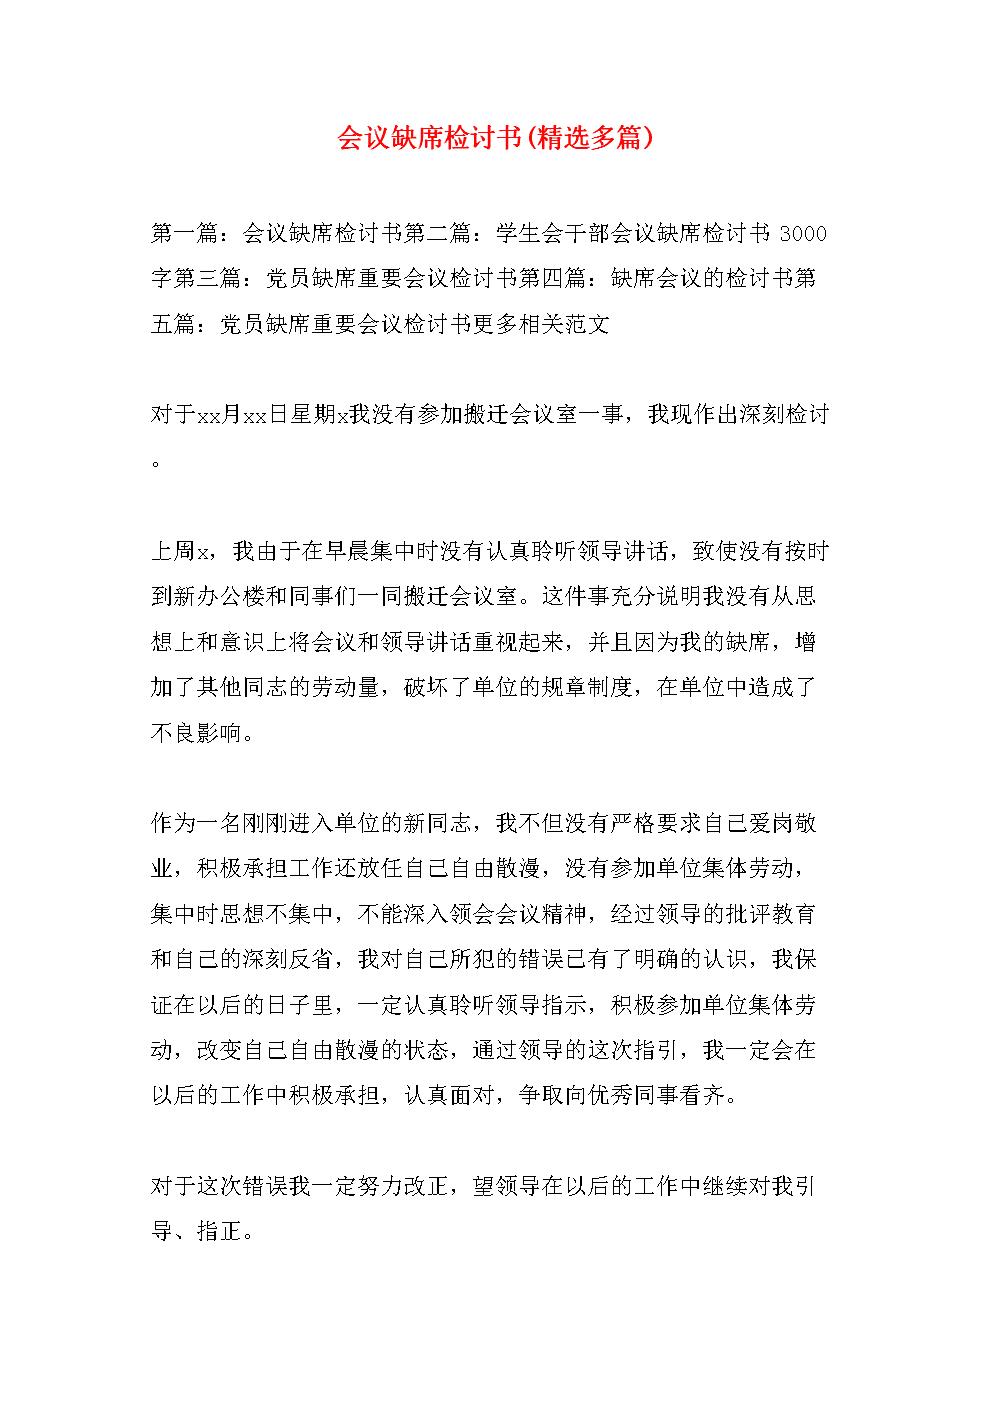 会议缺席检讨书(多篇).doc